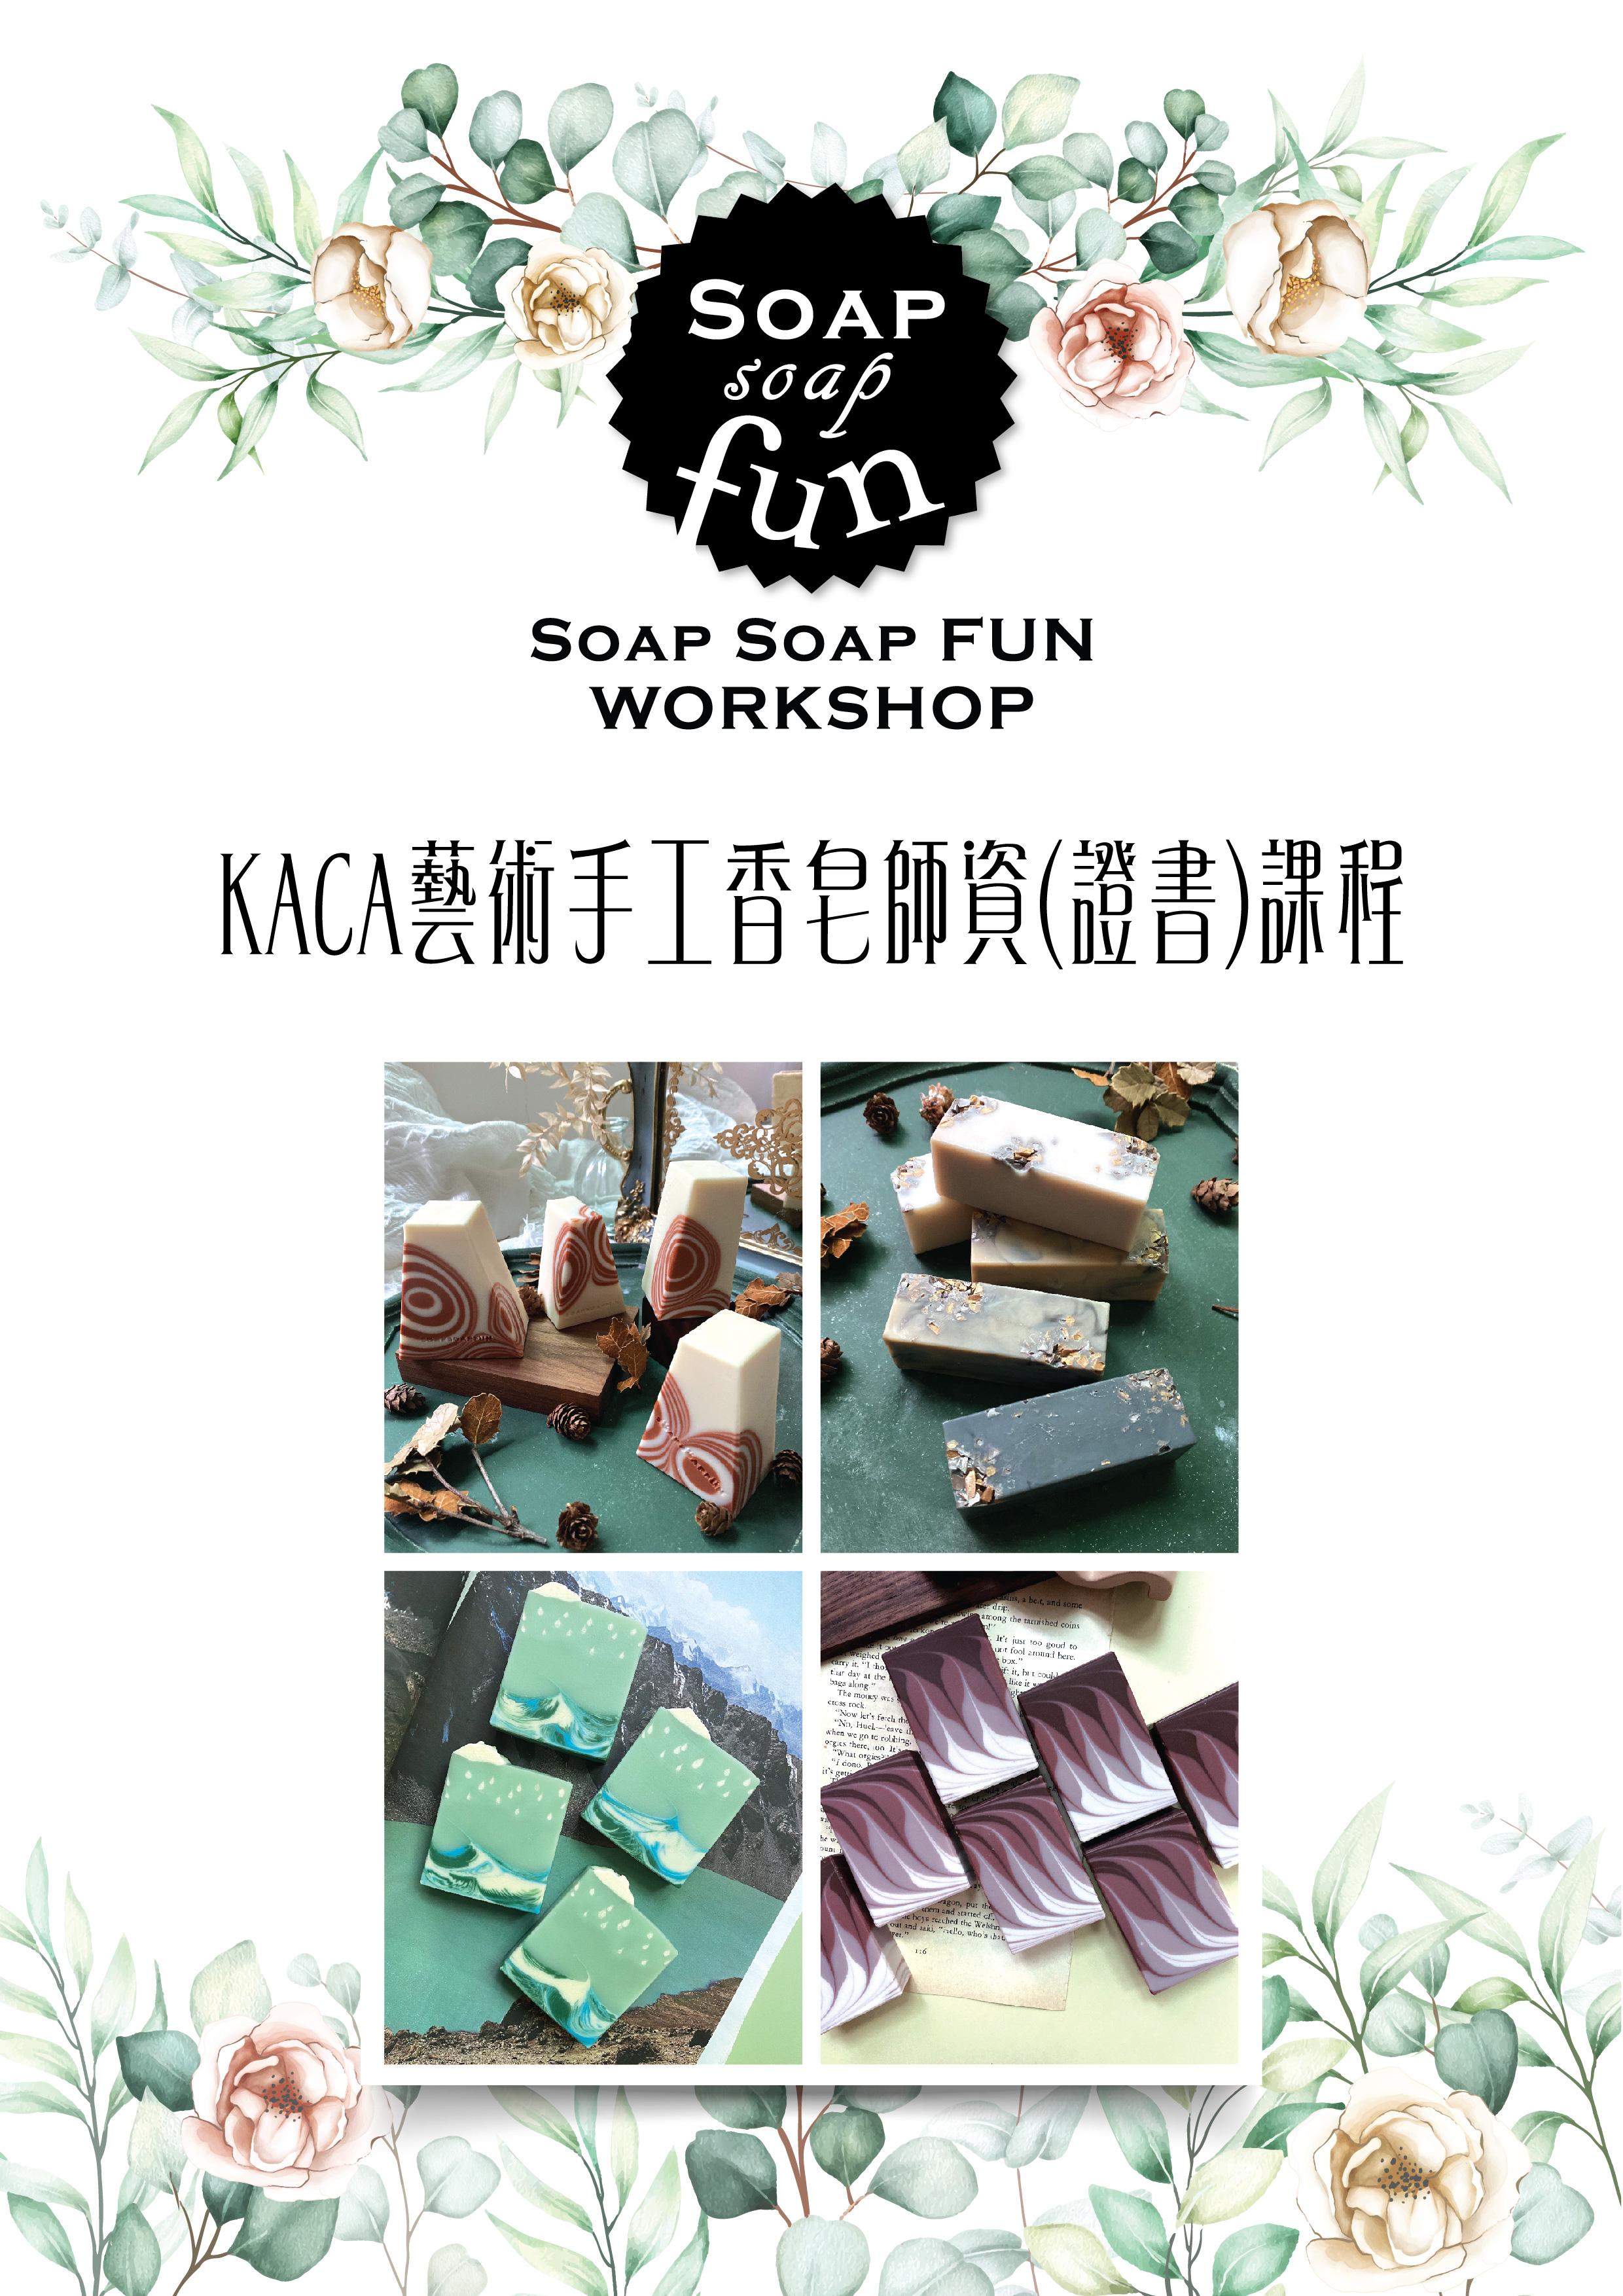 韓國 KACA CP Soap Master class 藝術手工香皂師資證書課程(三天)